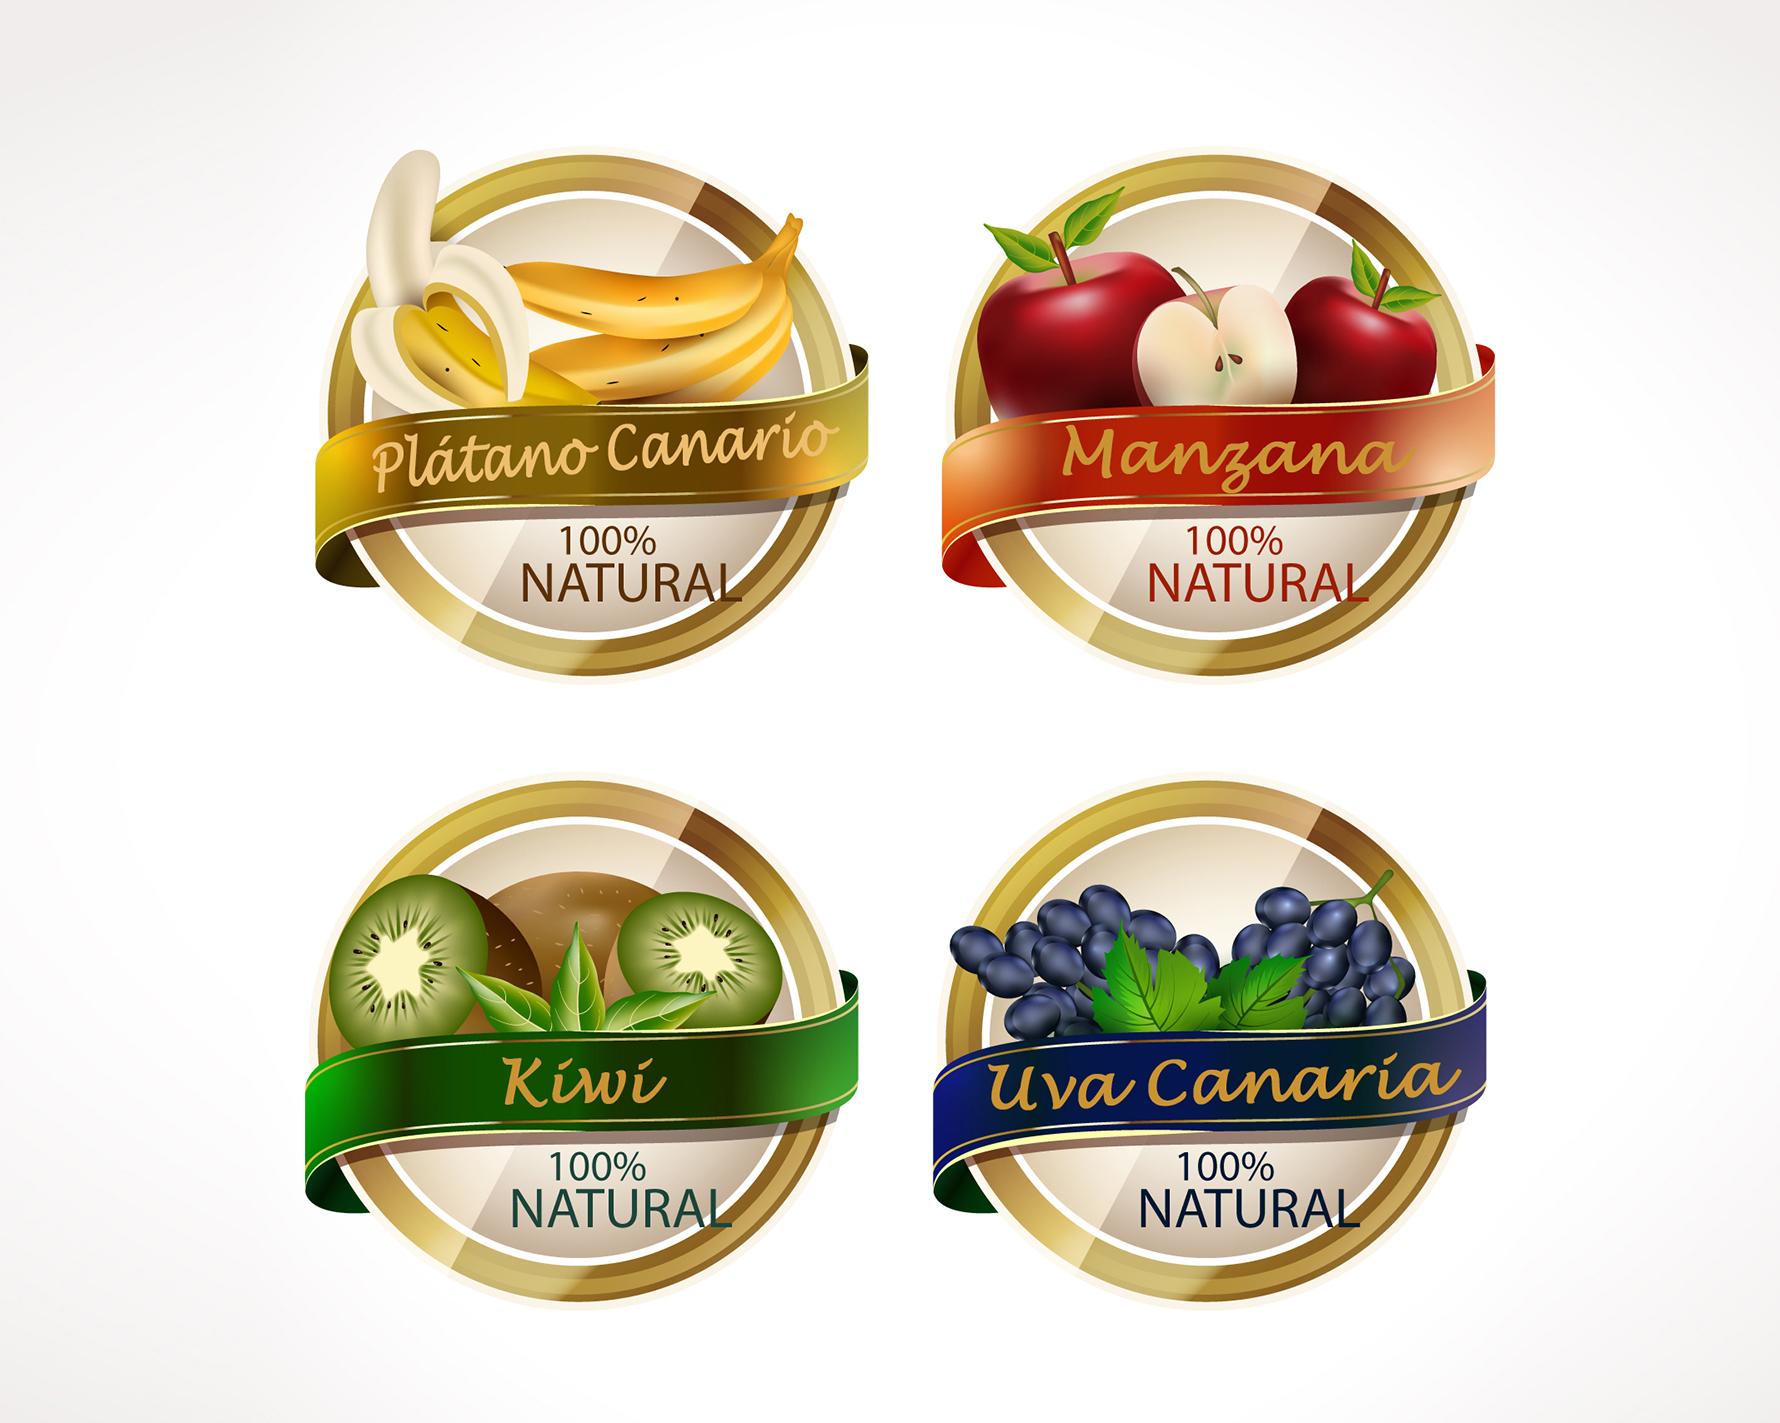 Diseño-de-etiquetas-alimentacion